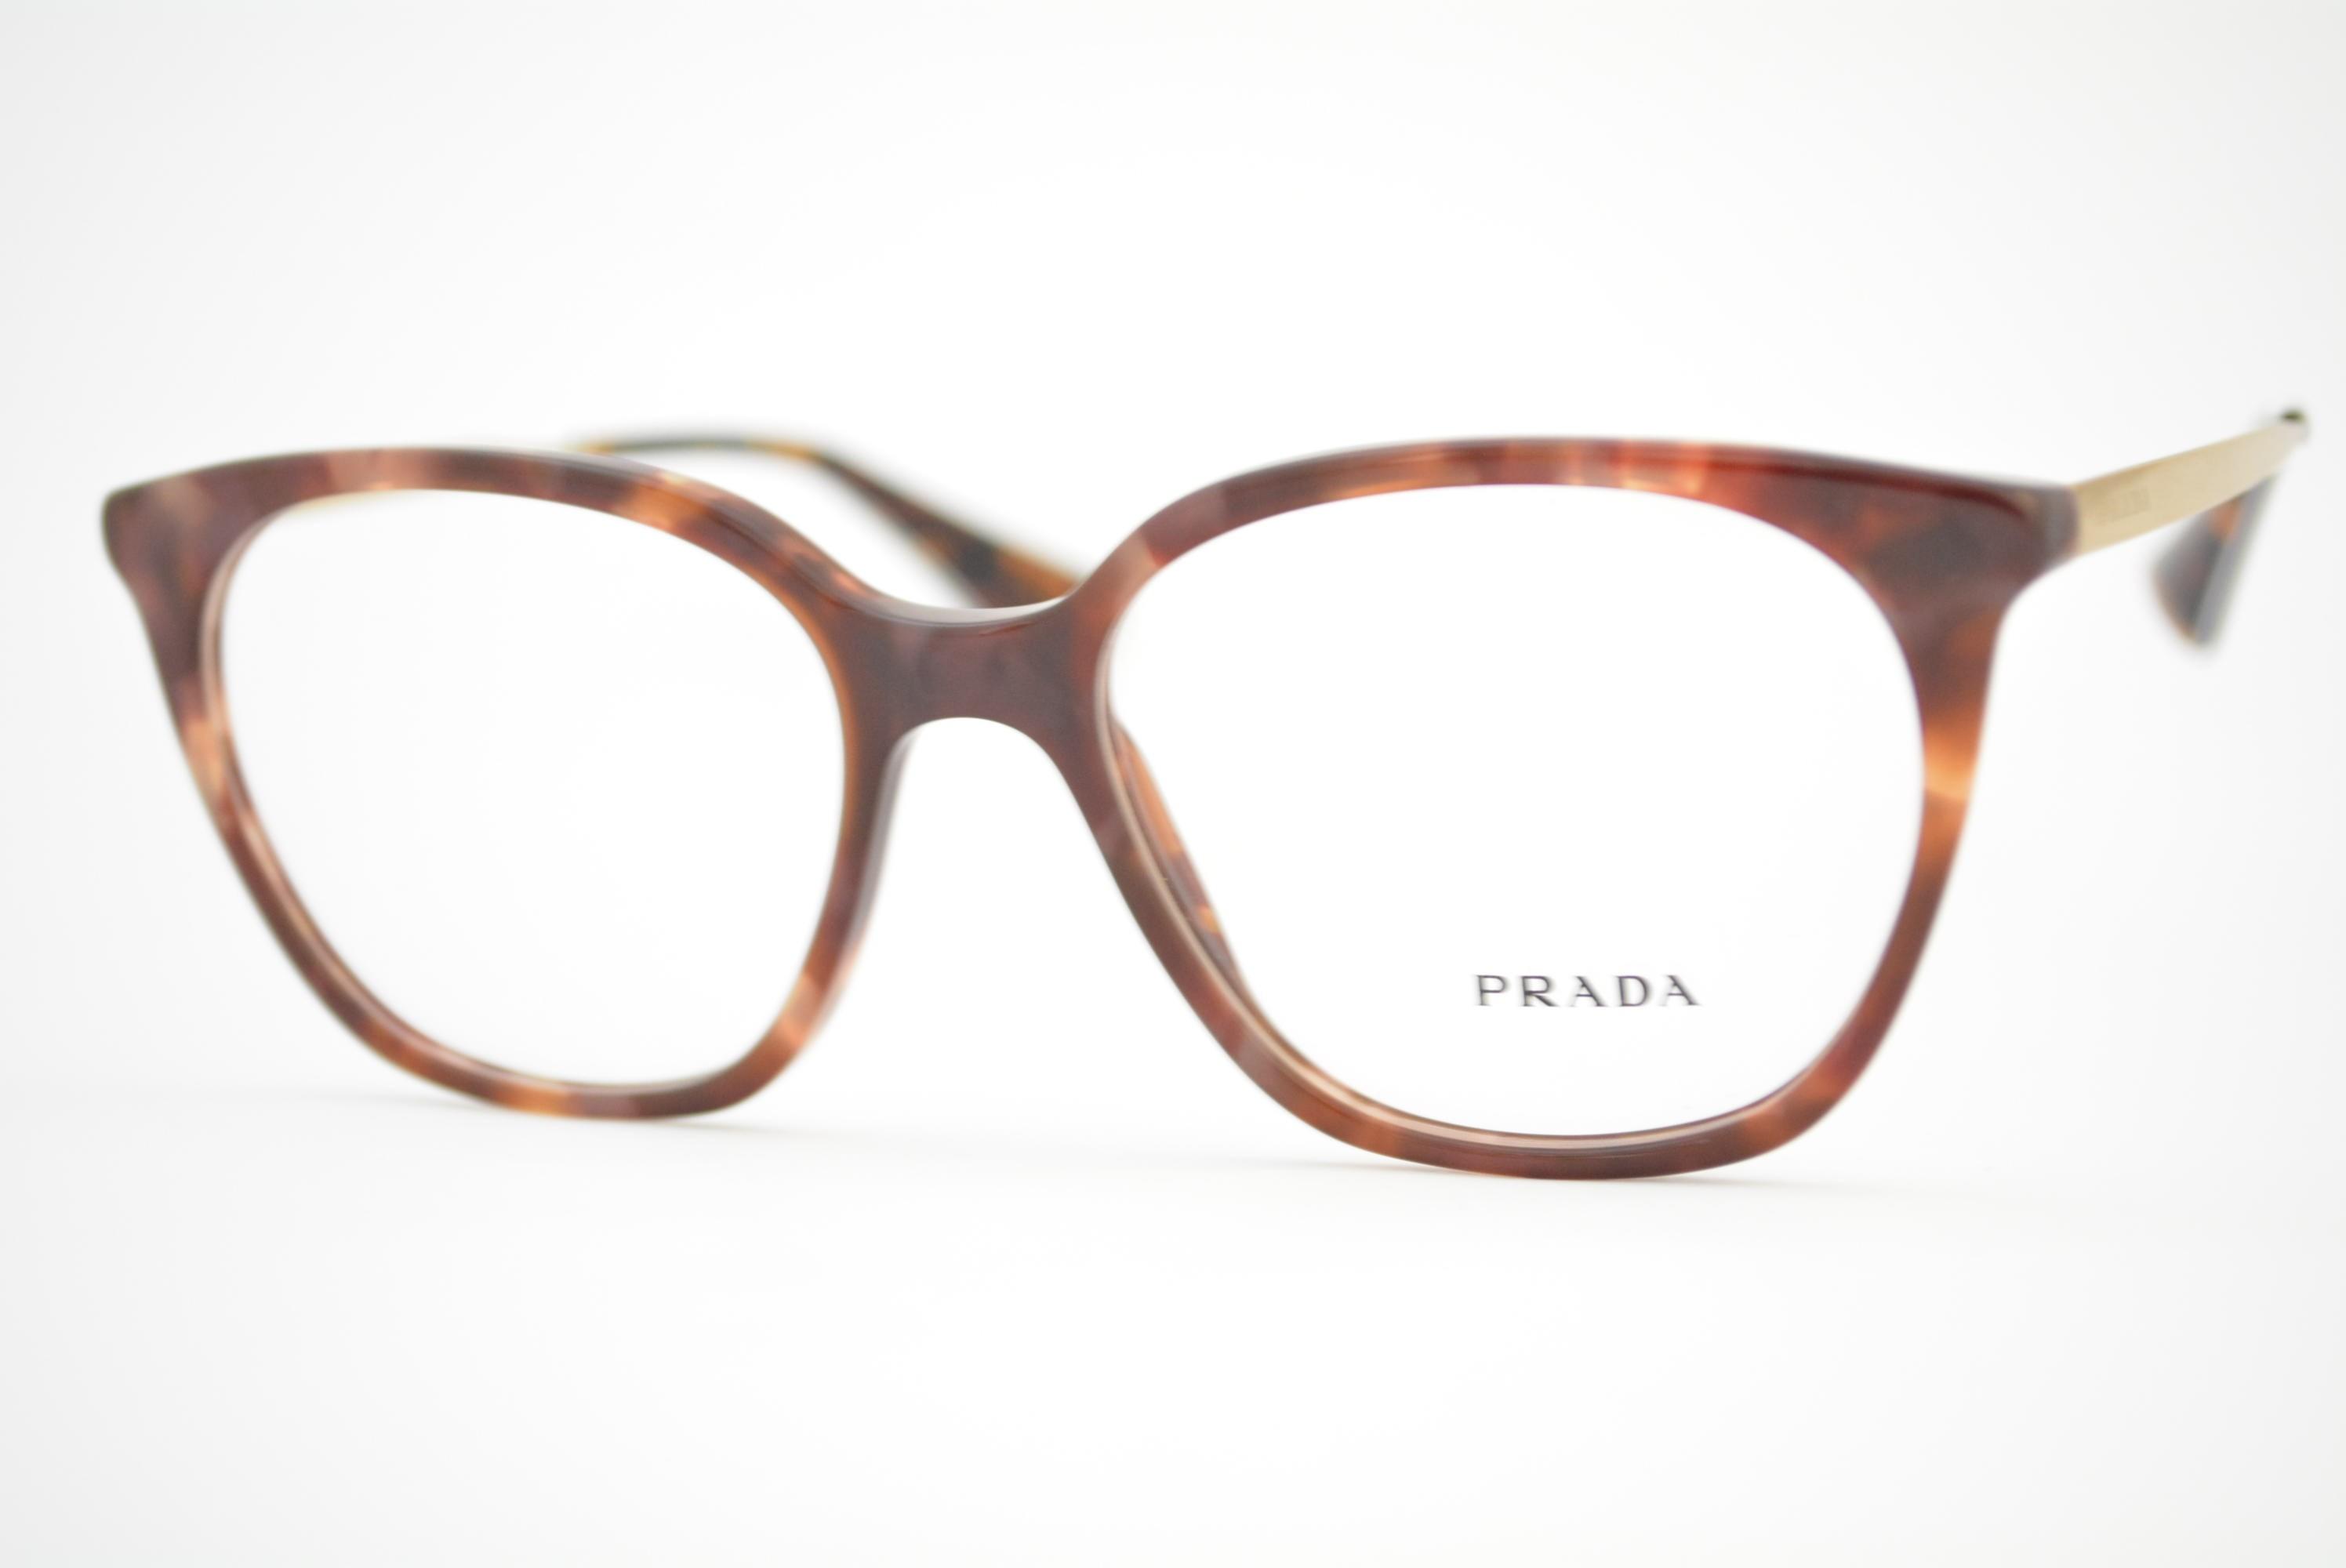 5372c276d armação de óculos Prada mod vpr11T UE0-1O1 Ótica Cardoso